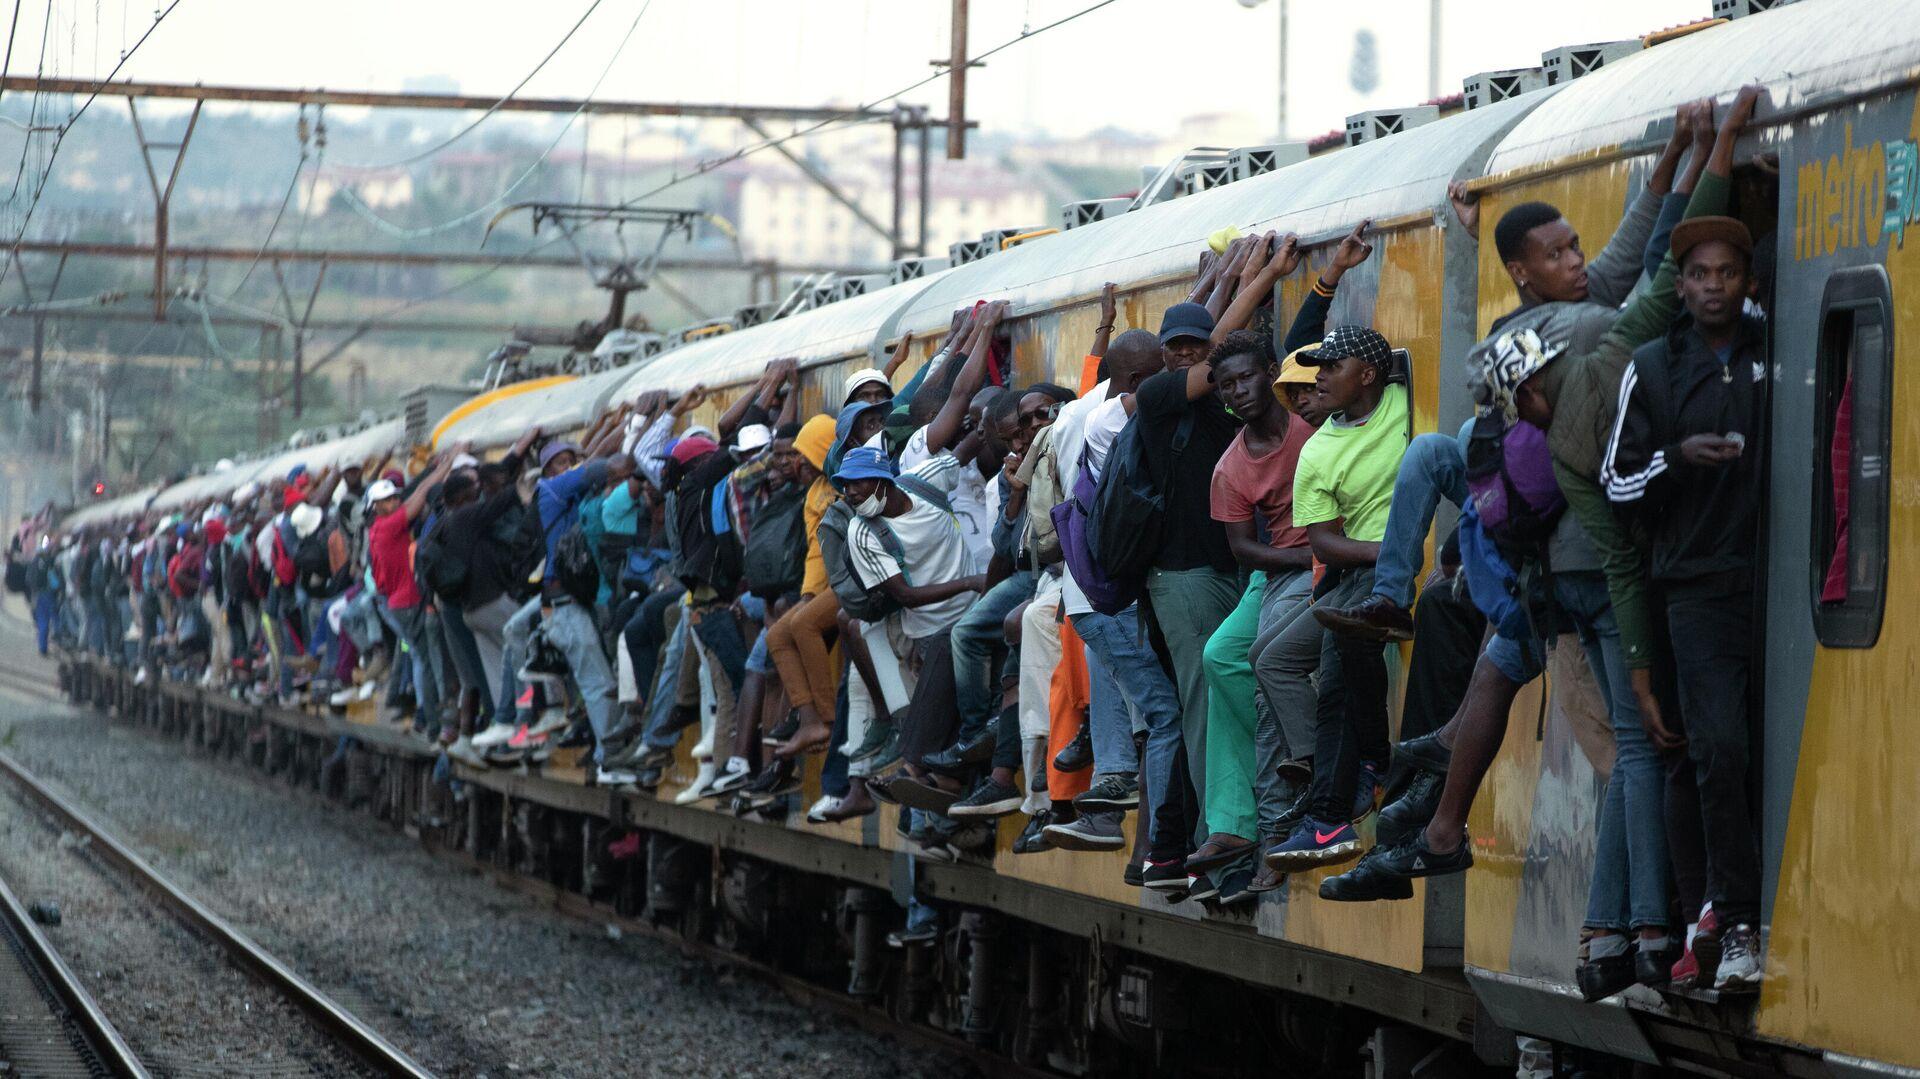 Пассажиры переполненного поезда в Соуэто, ЮАР - РИА Новости, 1920, 27.10.2020